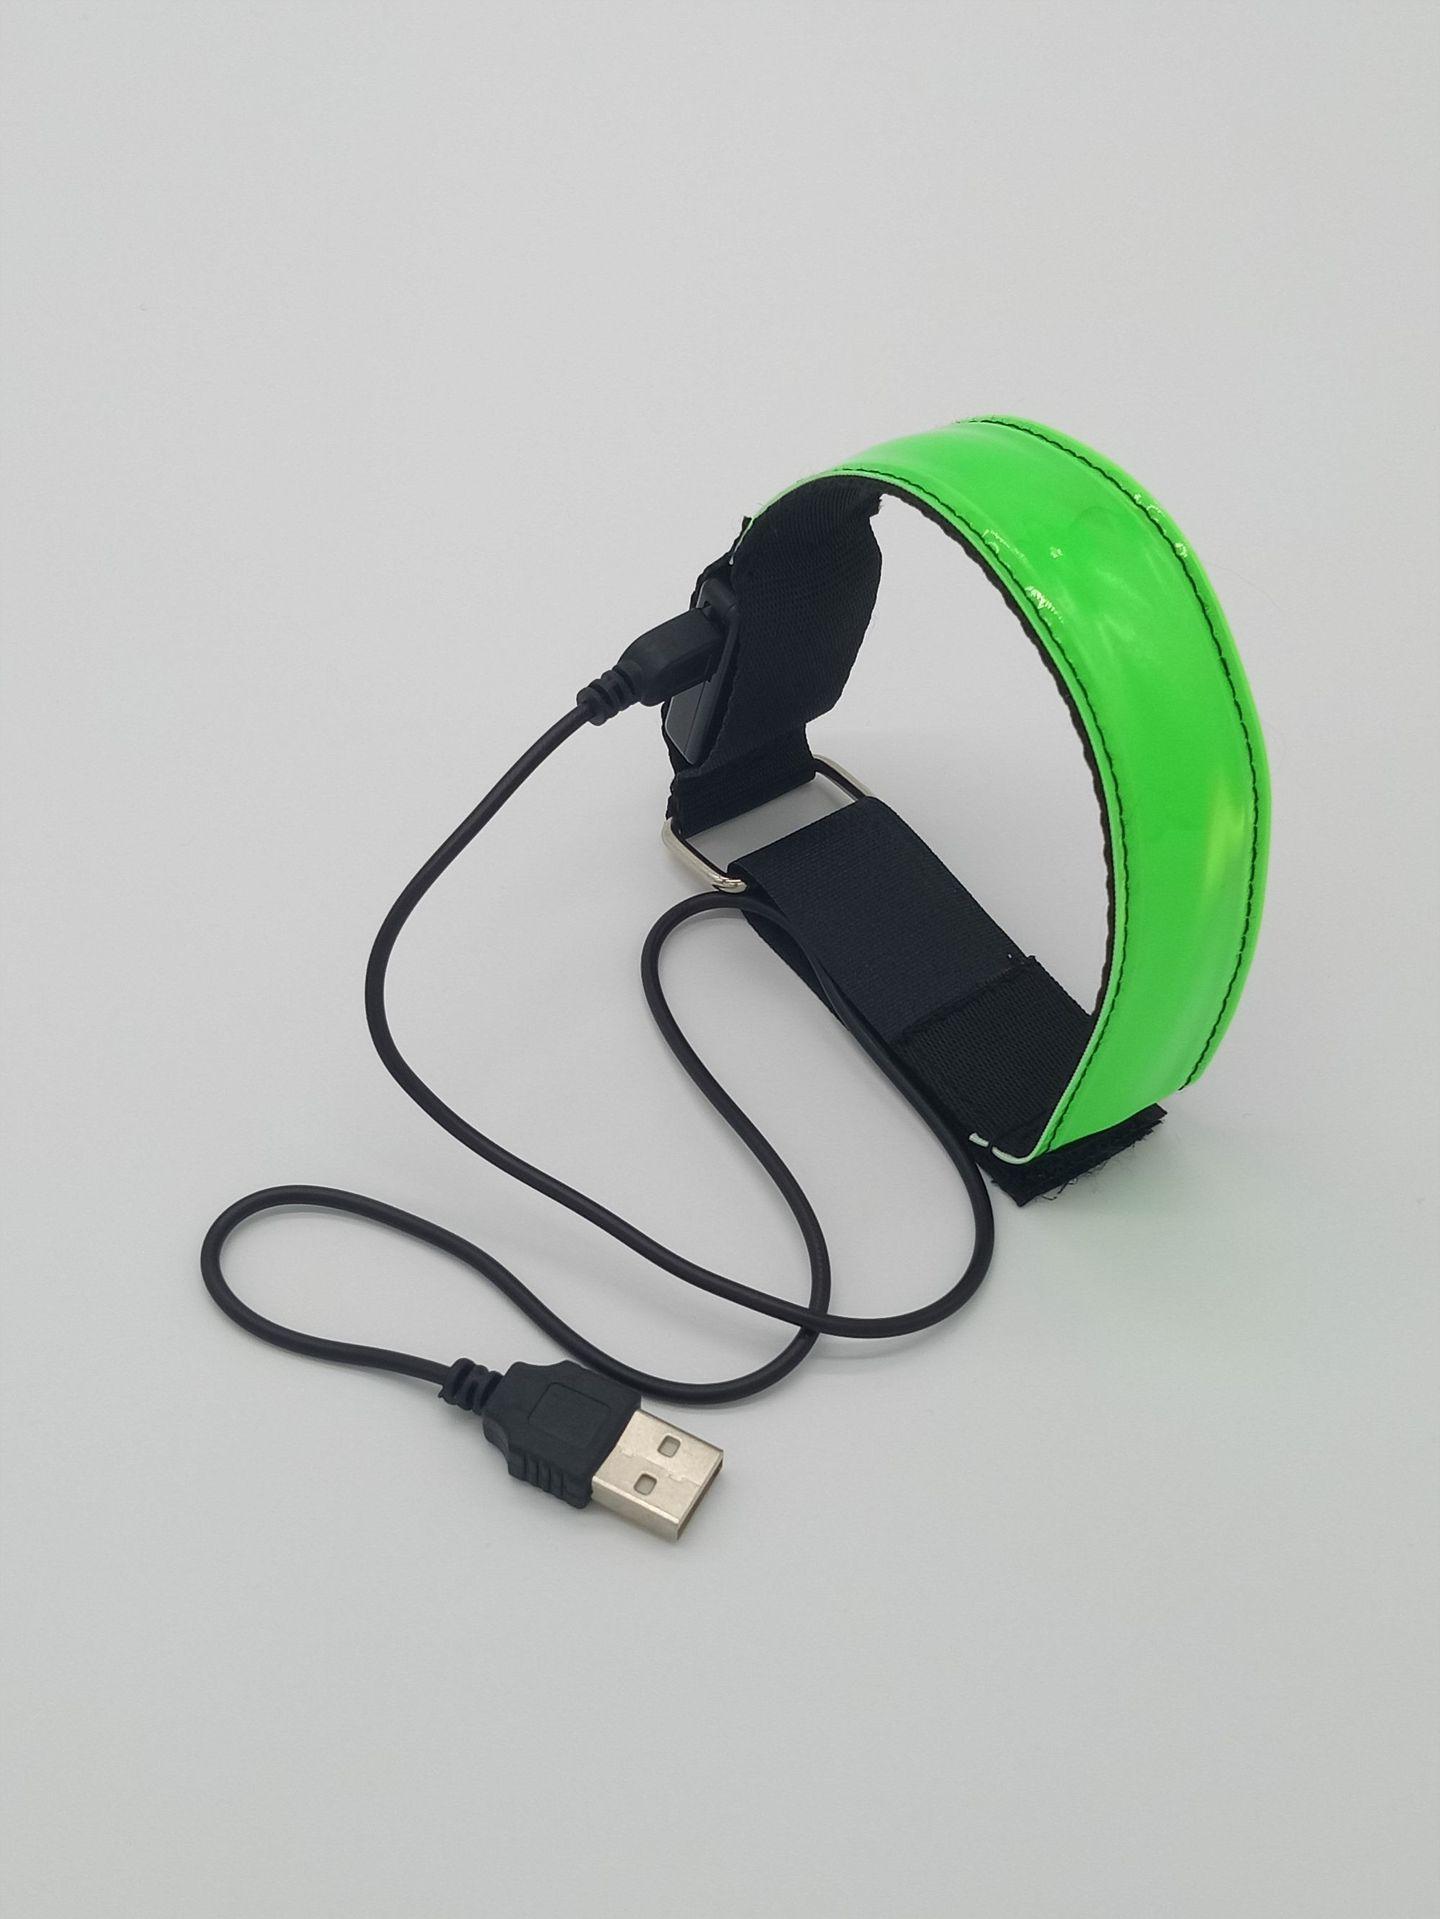 USB Charging LED Luminous Night Running Armband Bracelet Night Reflective Safety Belt Outdoor Sports Luminous Arm Band